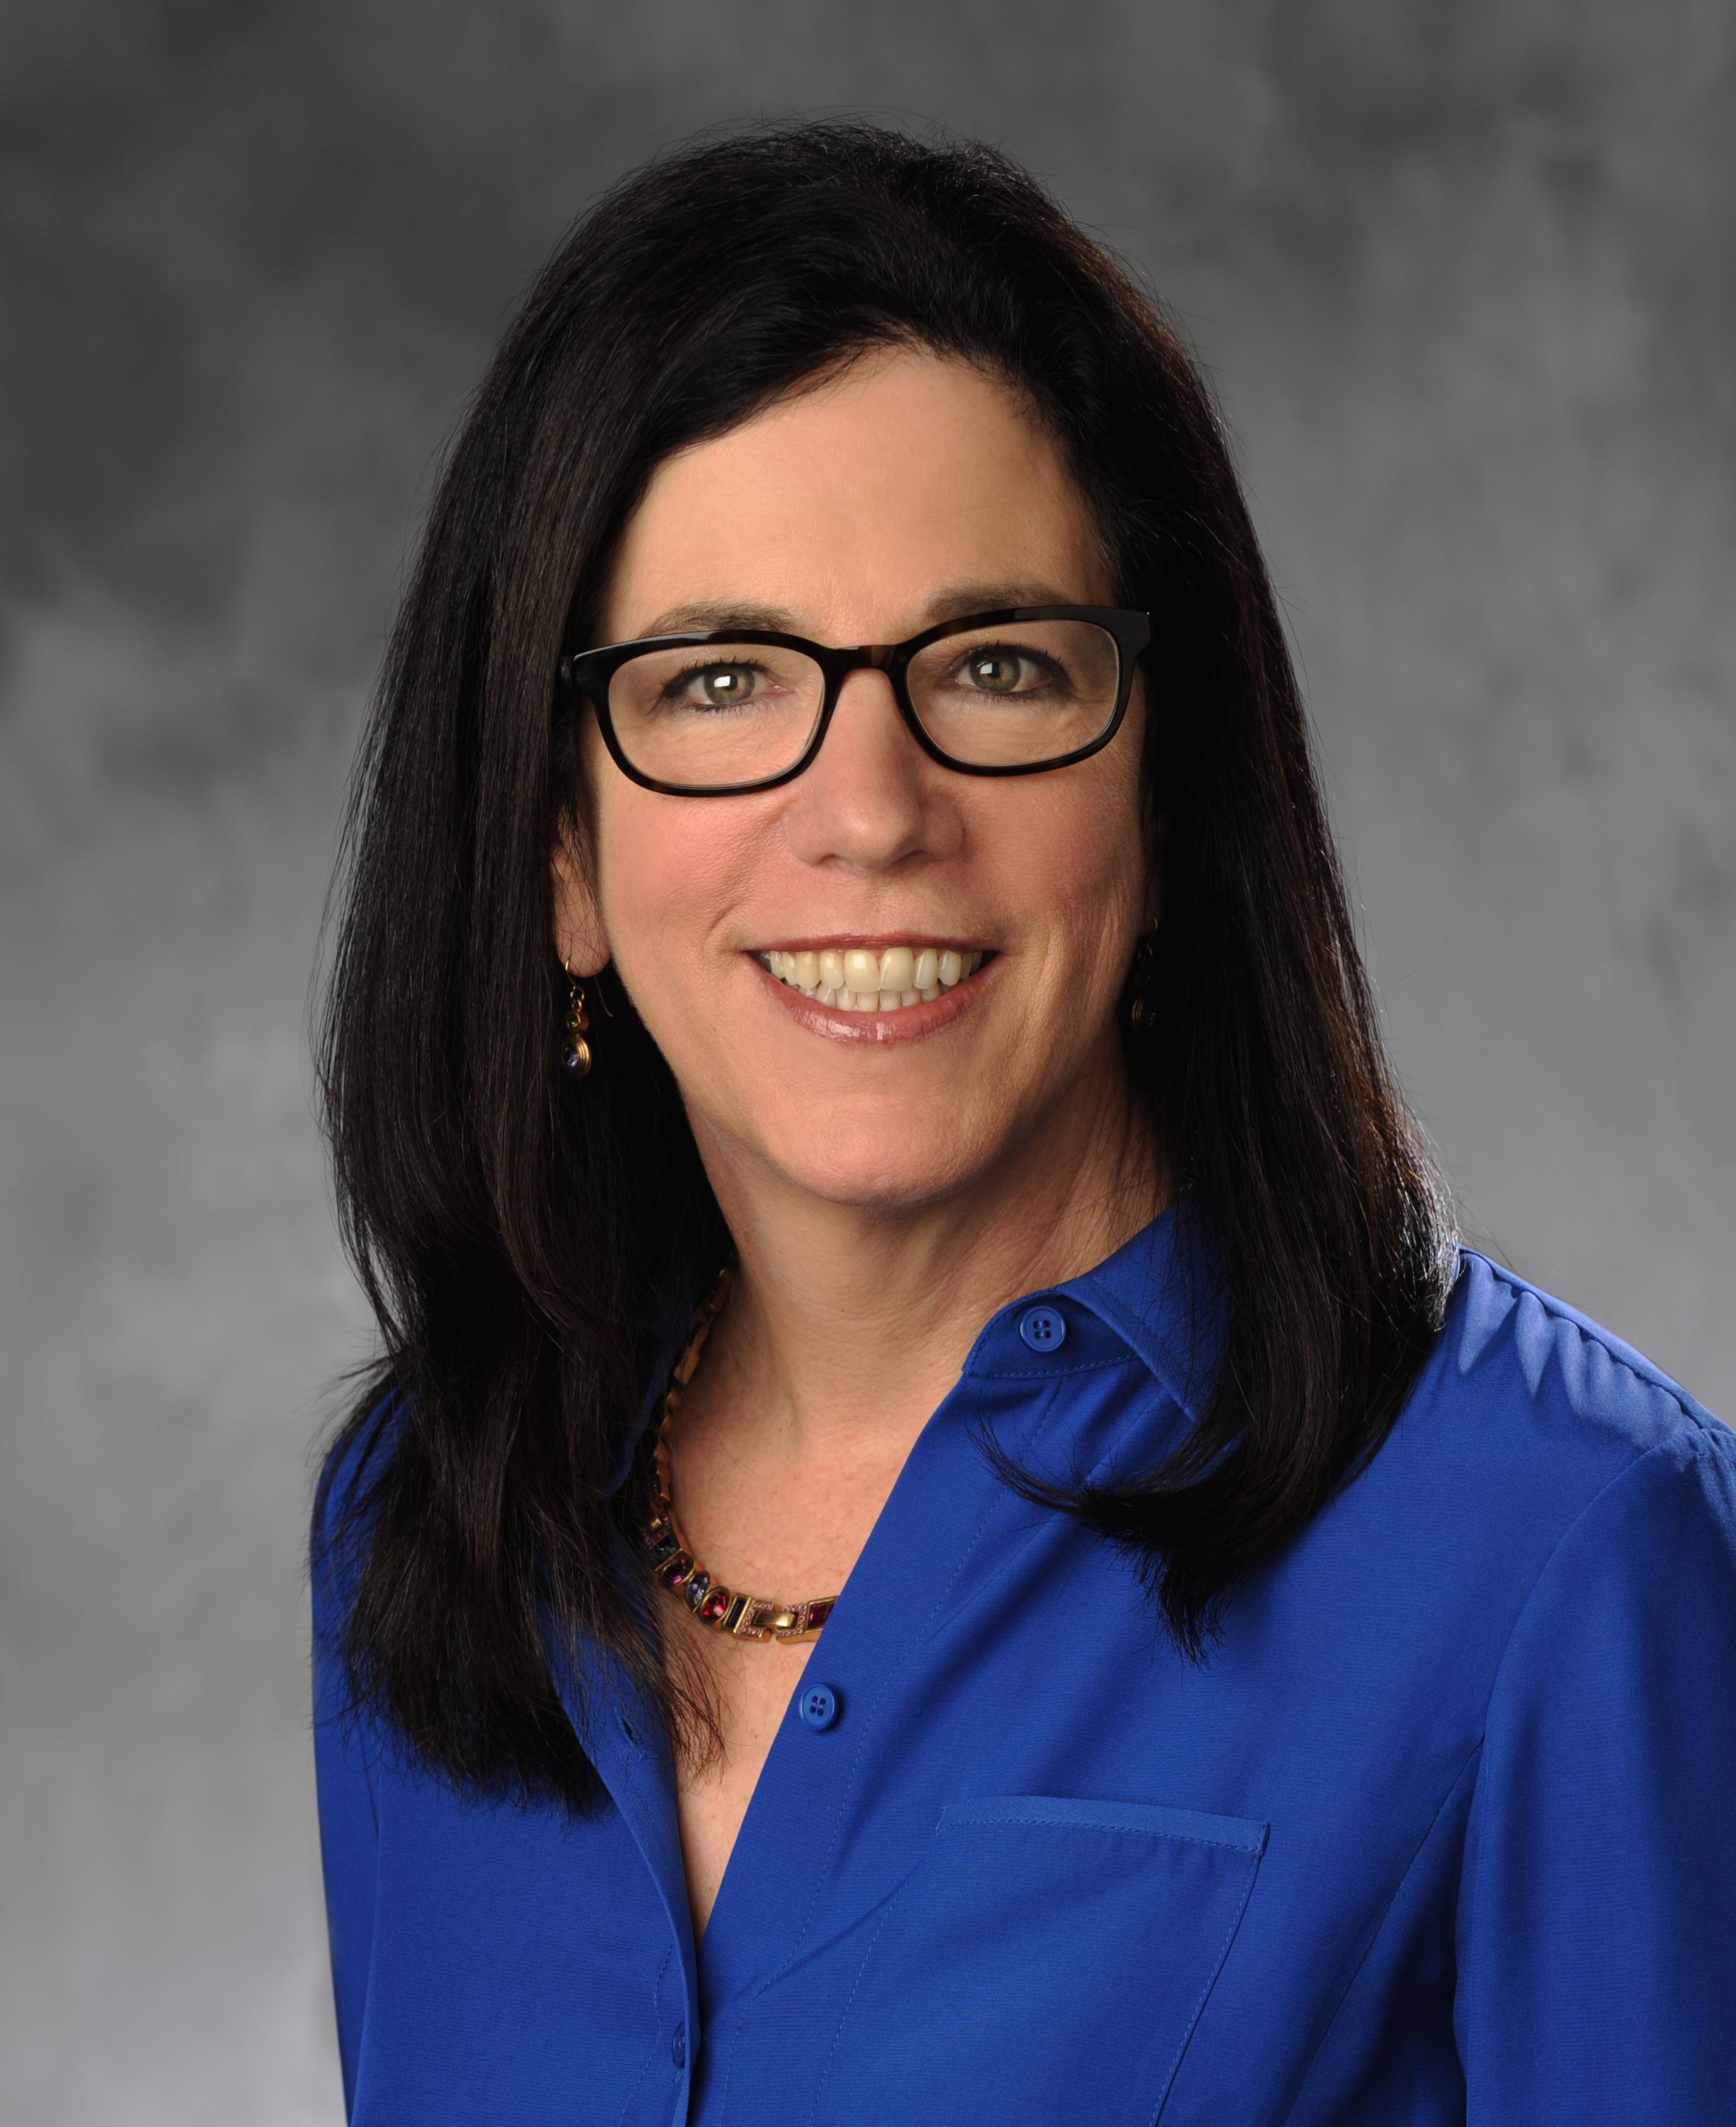 Dr. Pamela Rosenthal Rollins